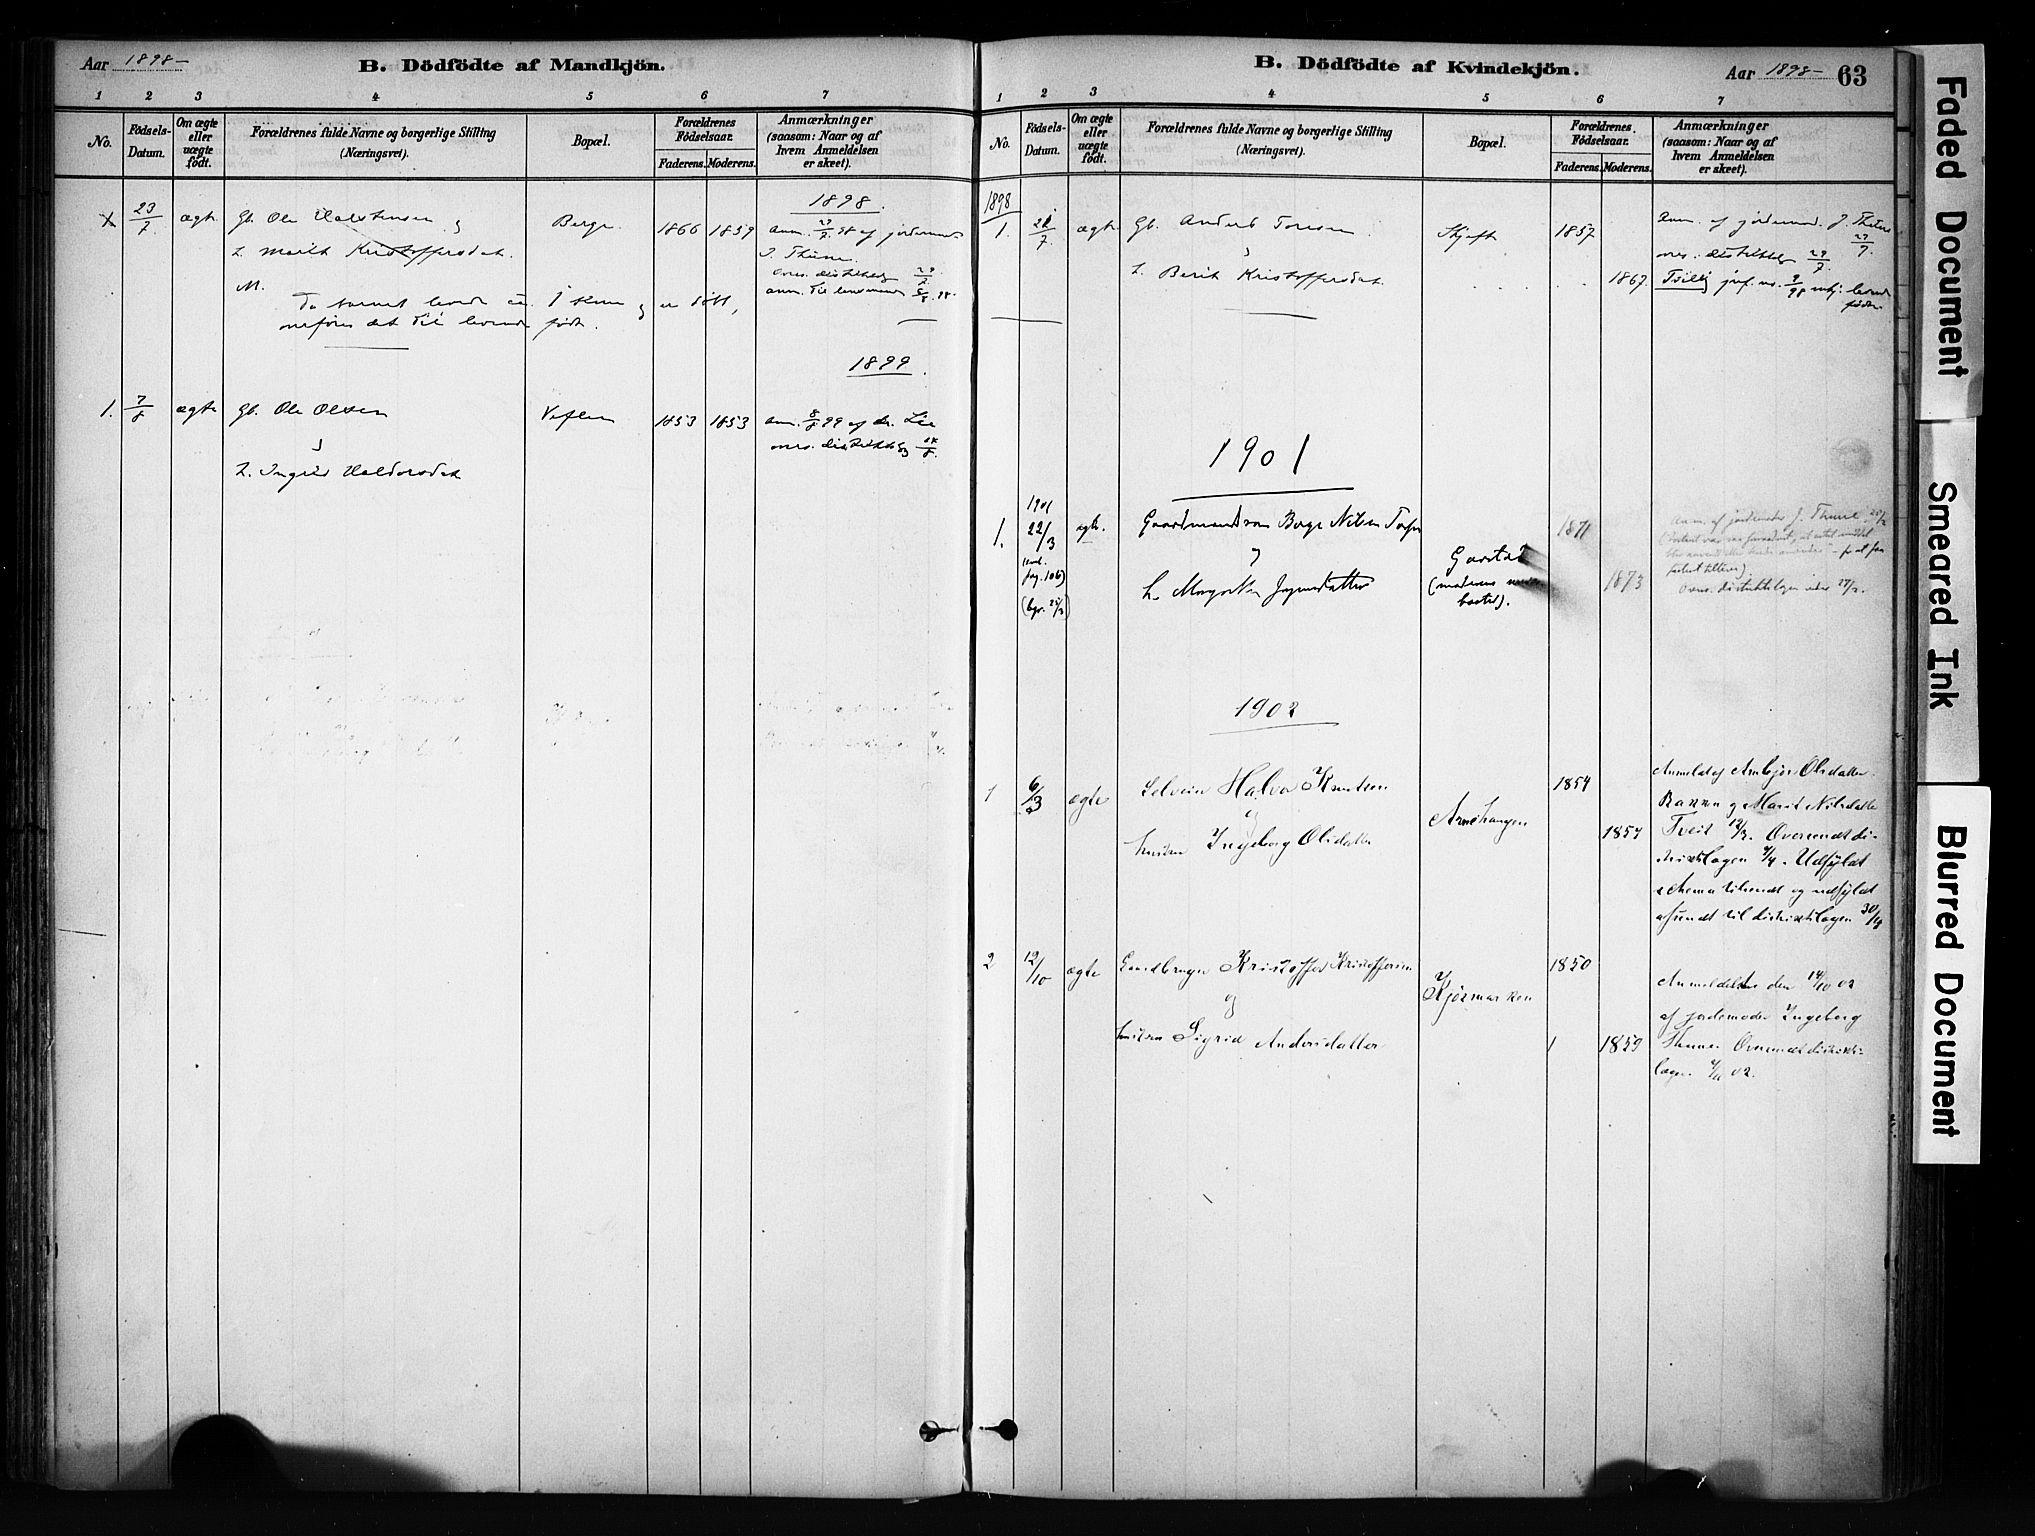 SAH, Vang prestekontor, Valdres, Ministerialbok nr. 9, 1882-1914, s. 63